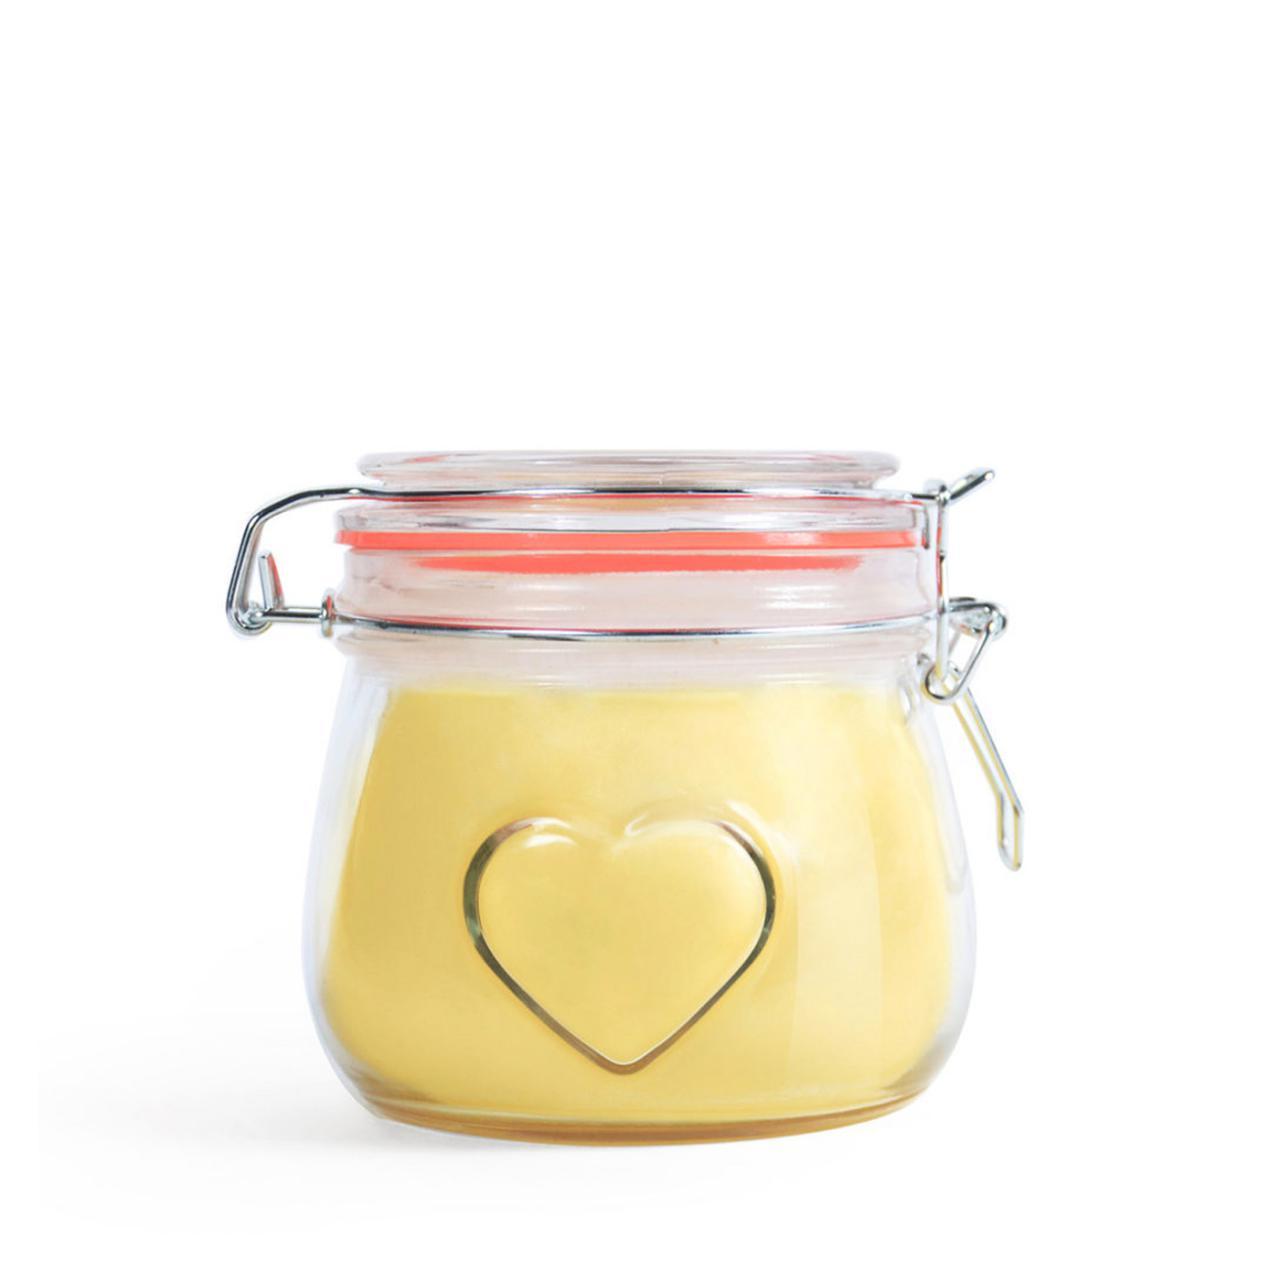 Ghí přepuštěné máslo Srdce 500ml čisté